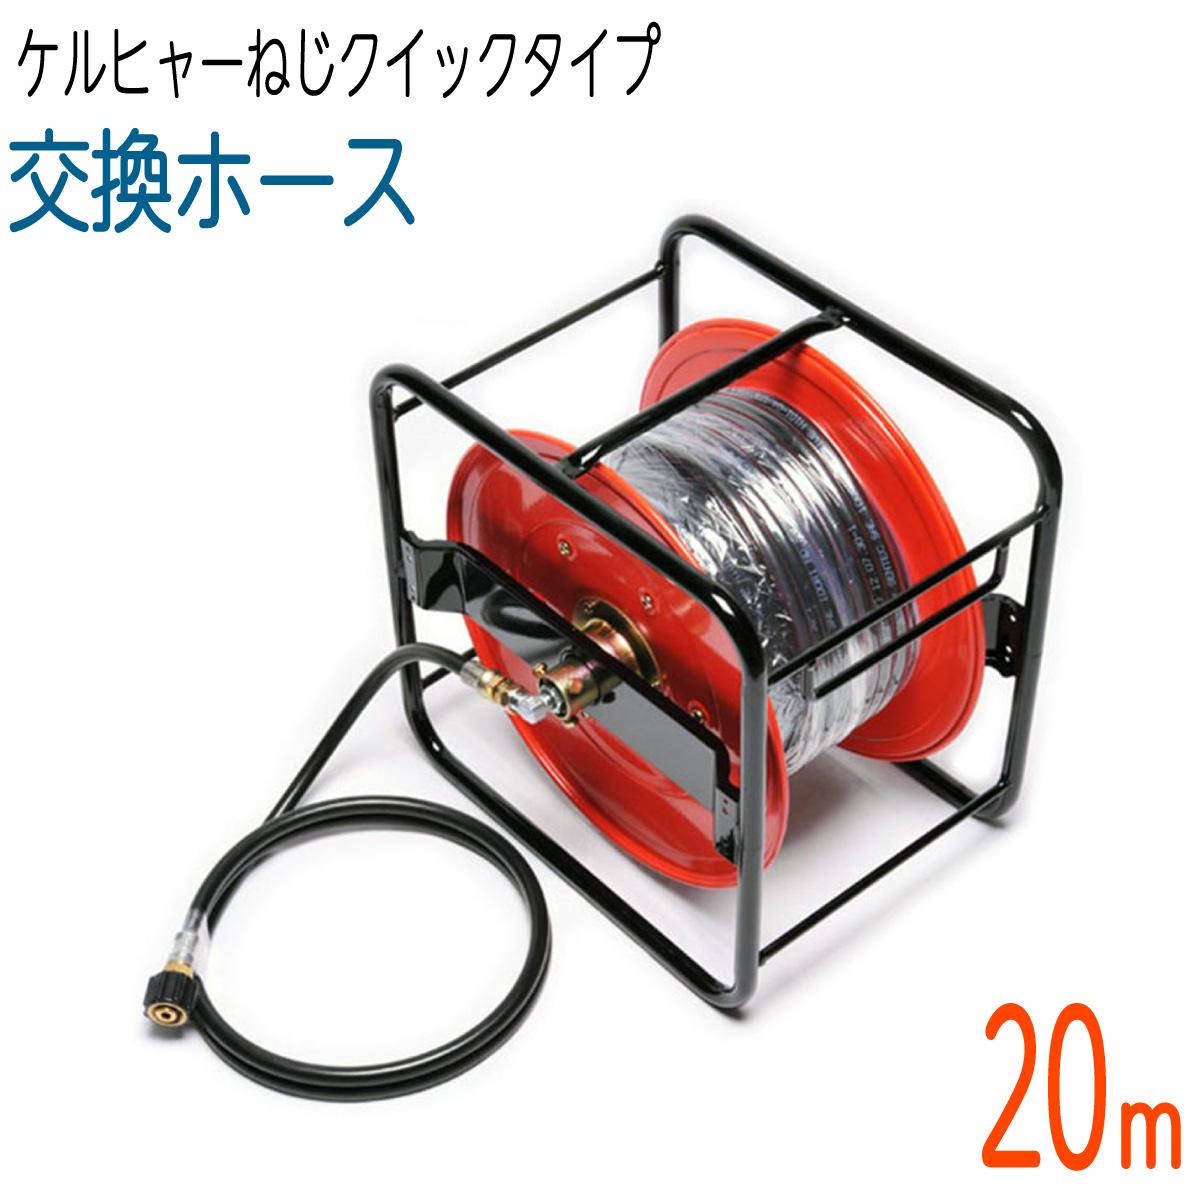 【20Mリール巻き】ケルヒャー 互換 交換用 ねじクイックタイプ ガン側スイベル付き 高圧洗浄機ホース コンパクトホース